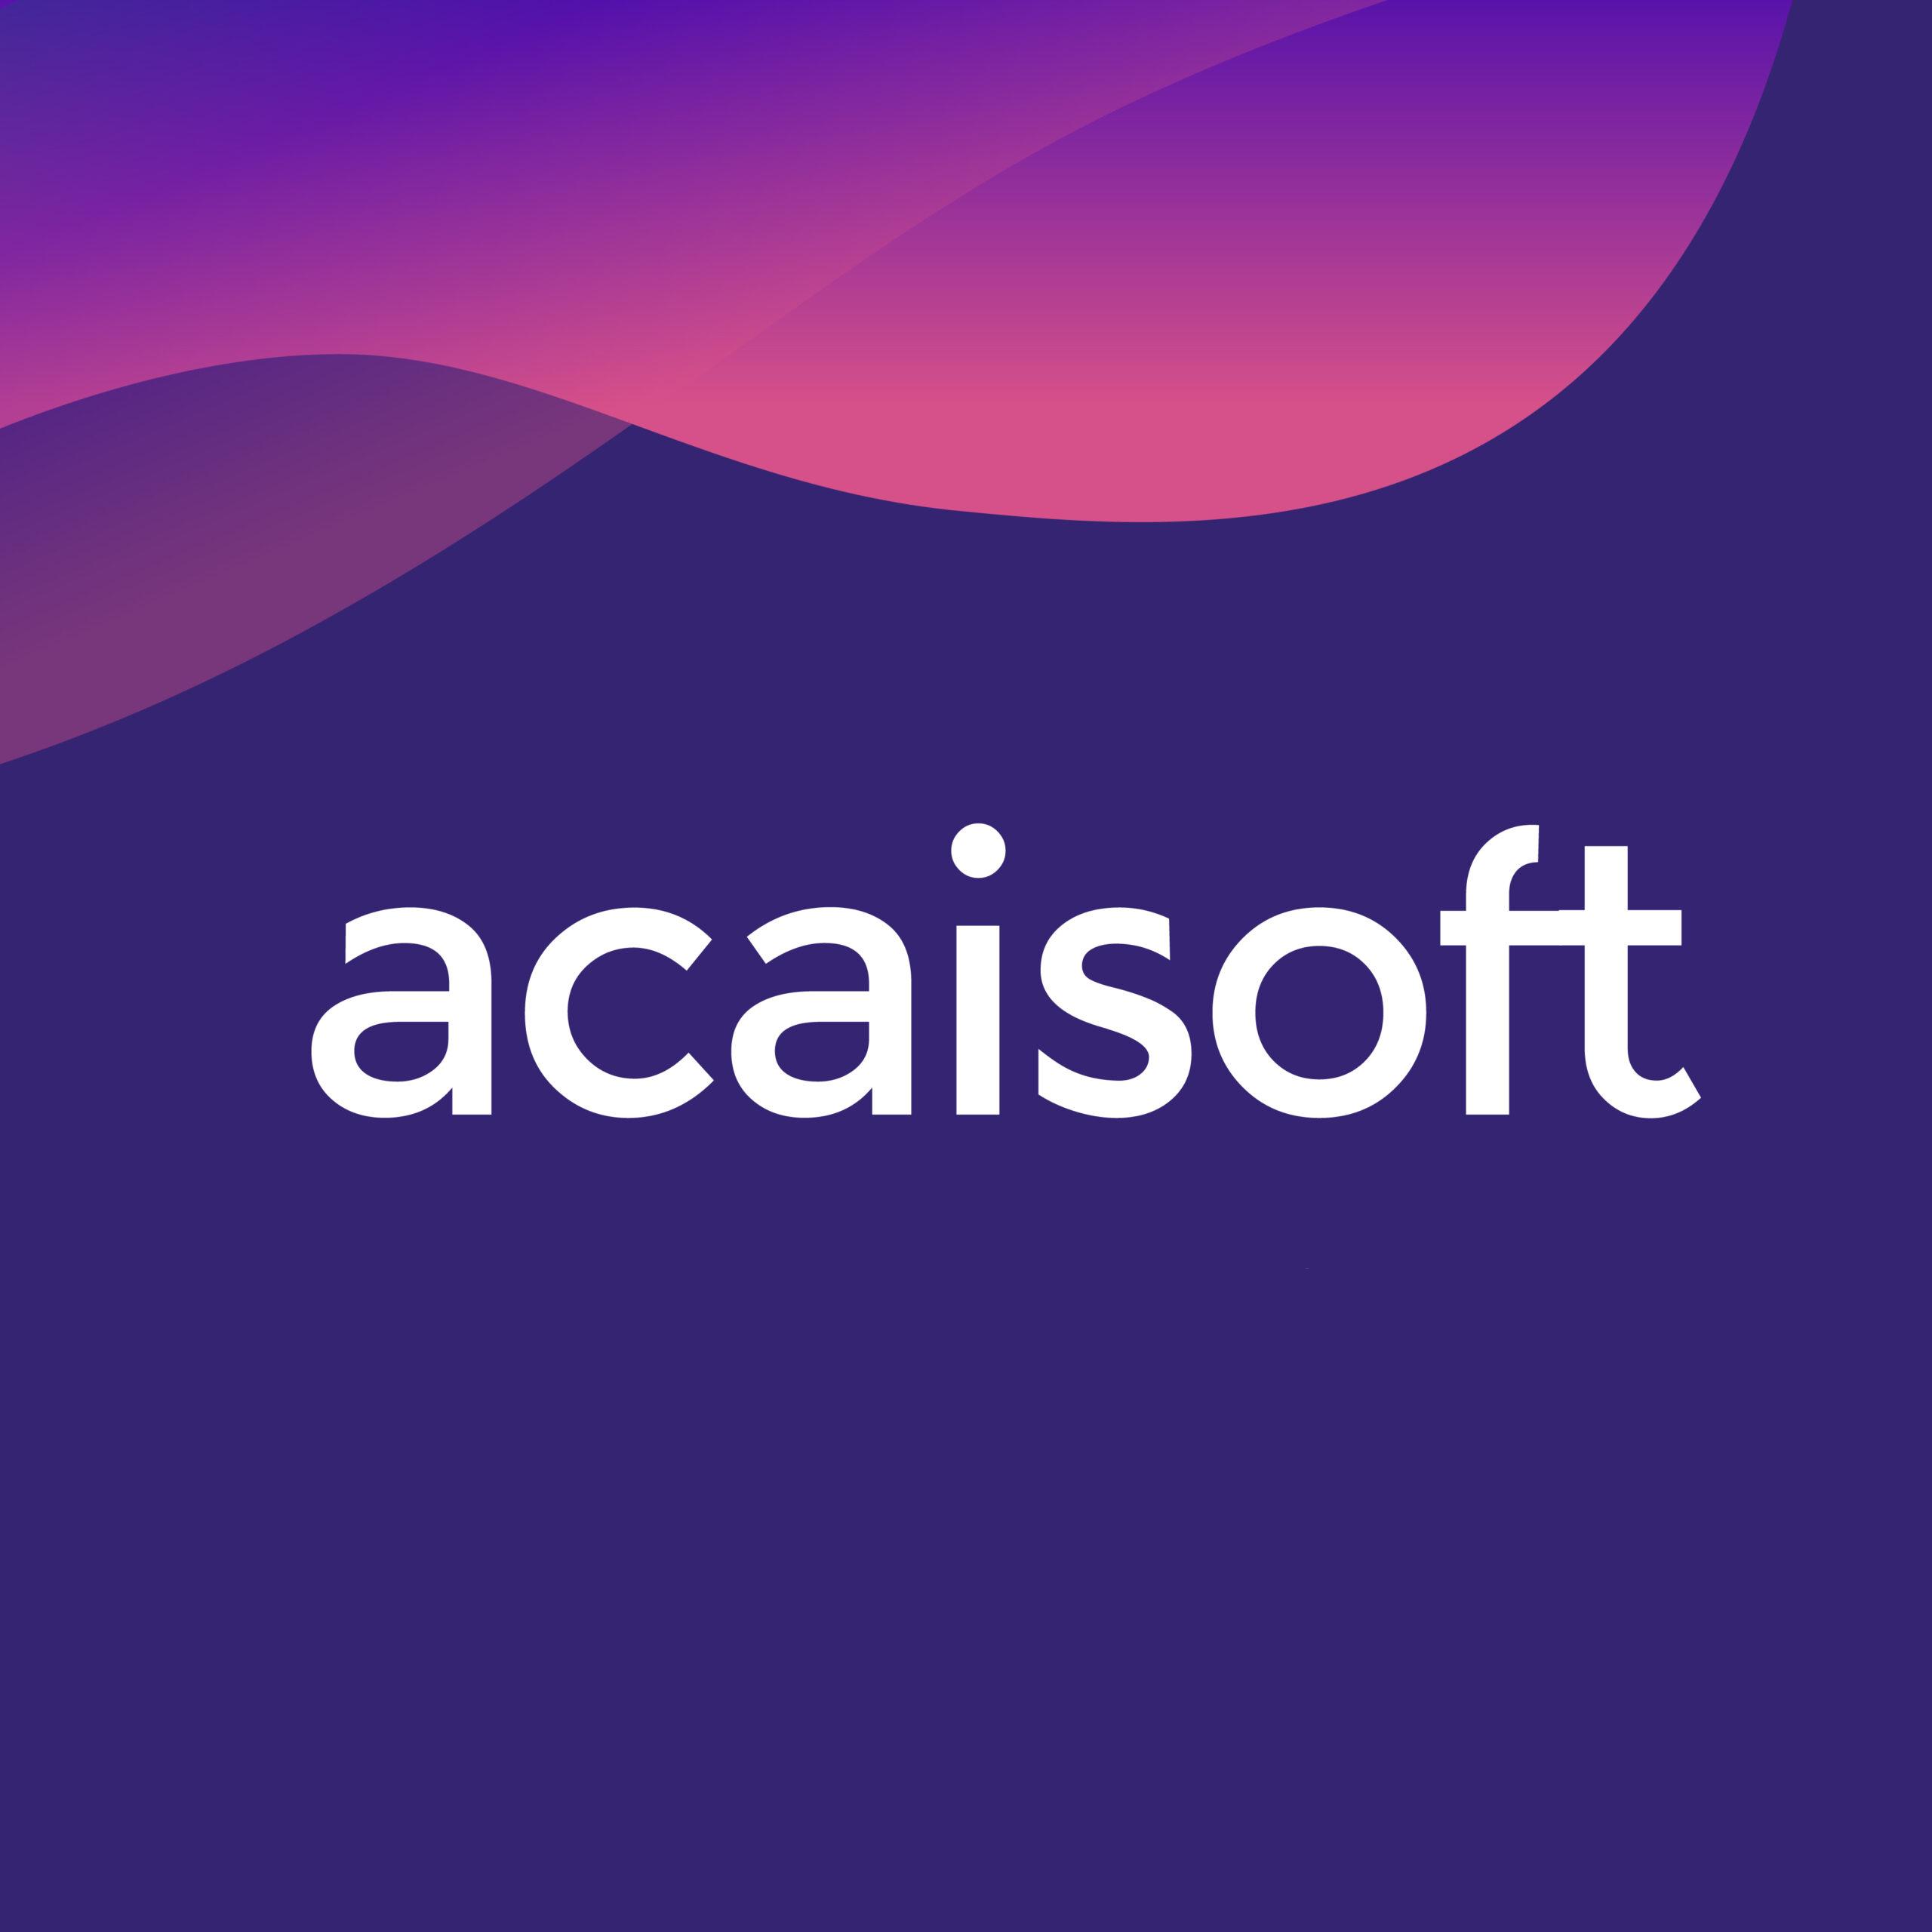 Acaisoft